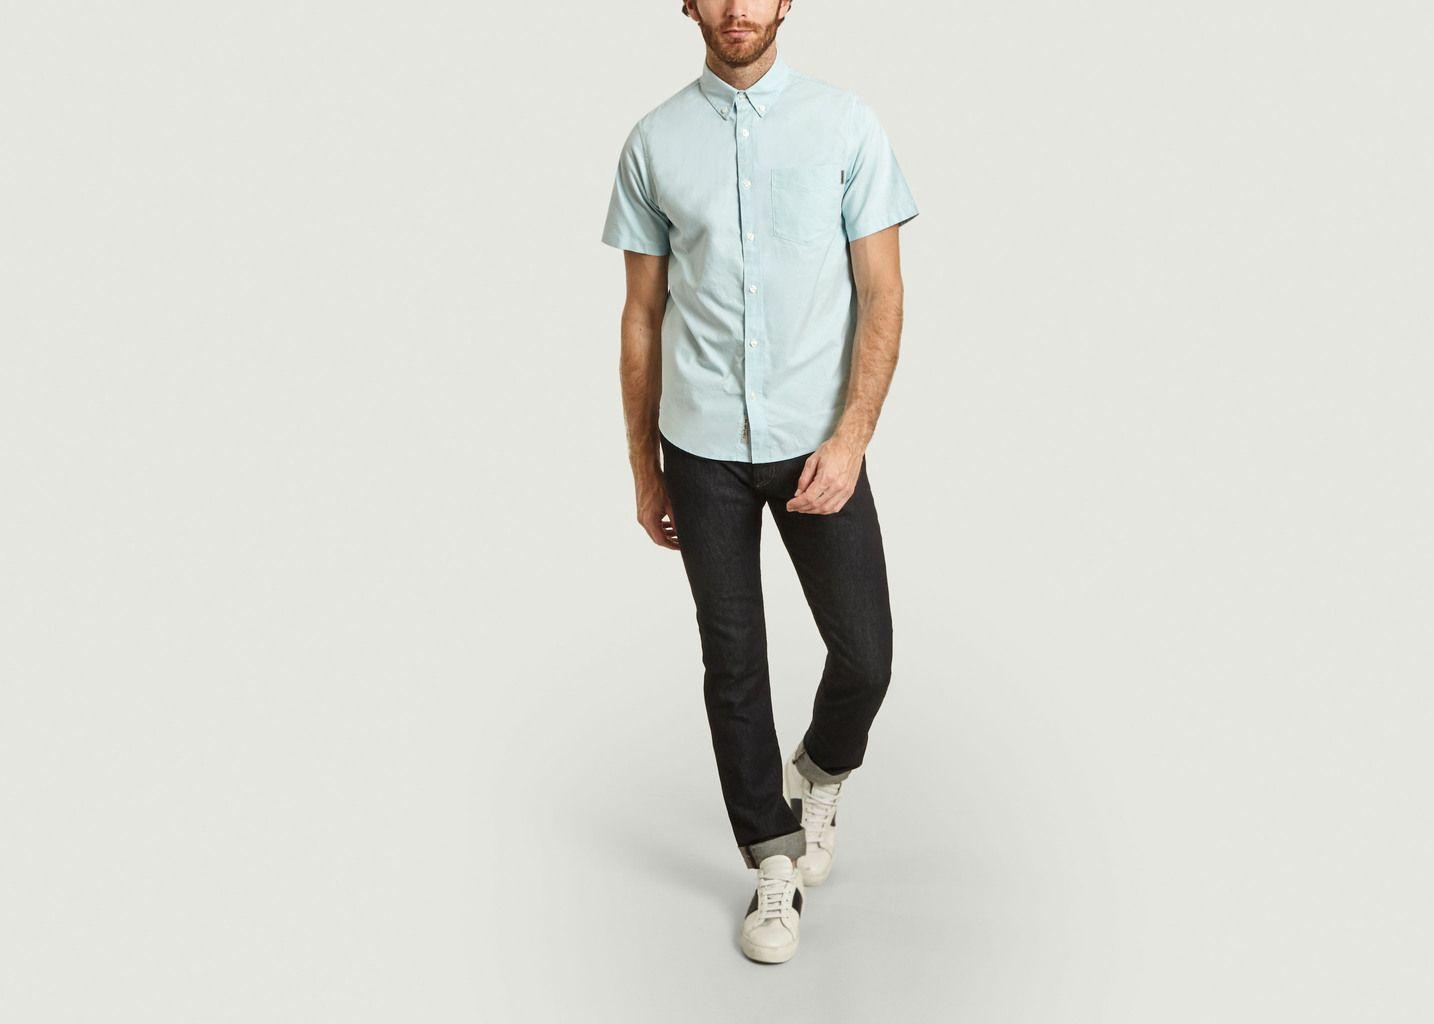 Chemise manches courtes en coton Oxford à poche - Carhartt WIP